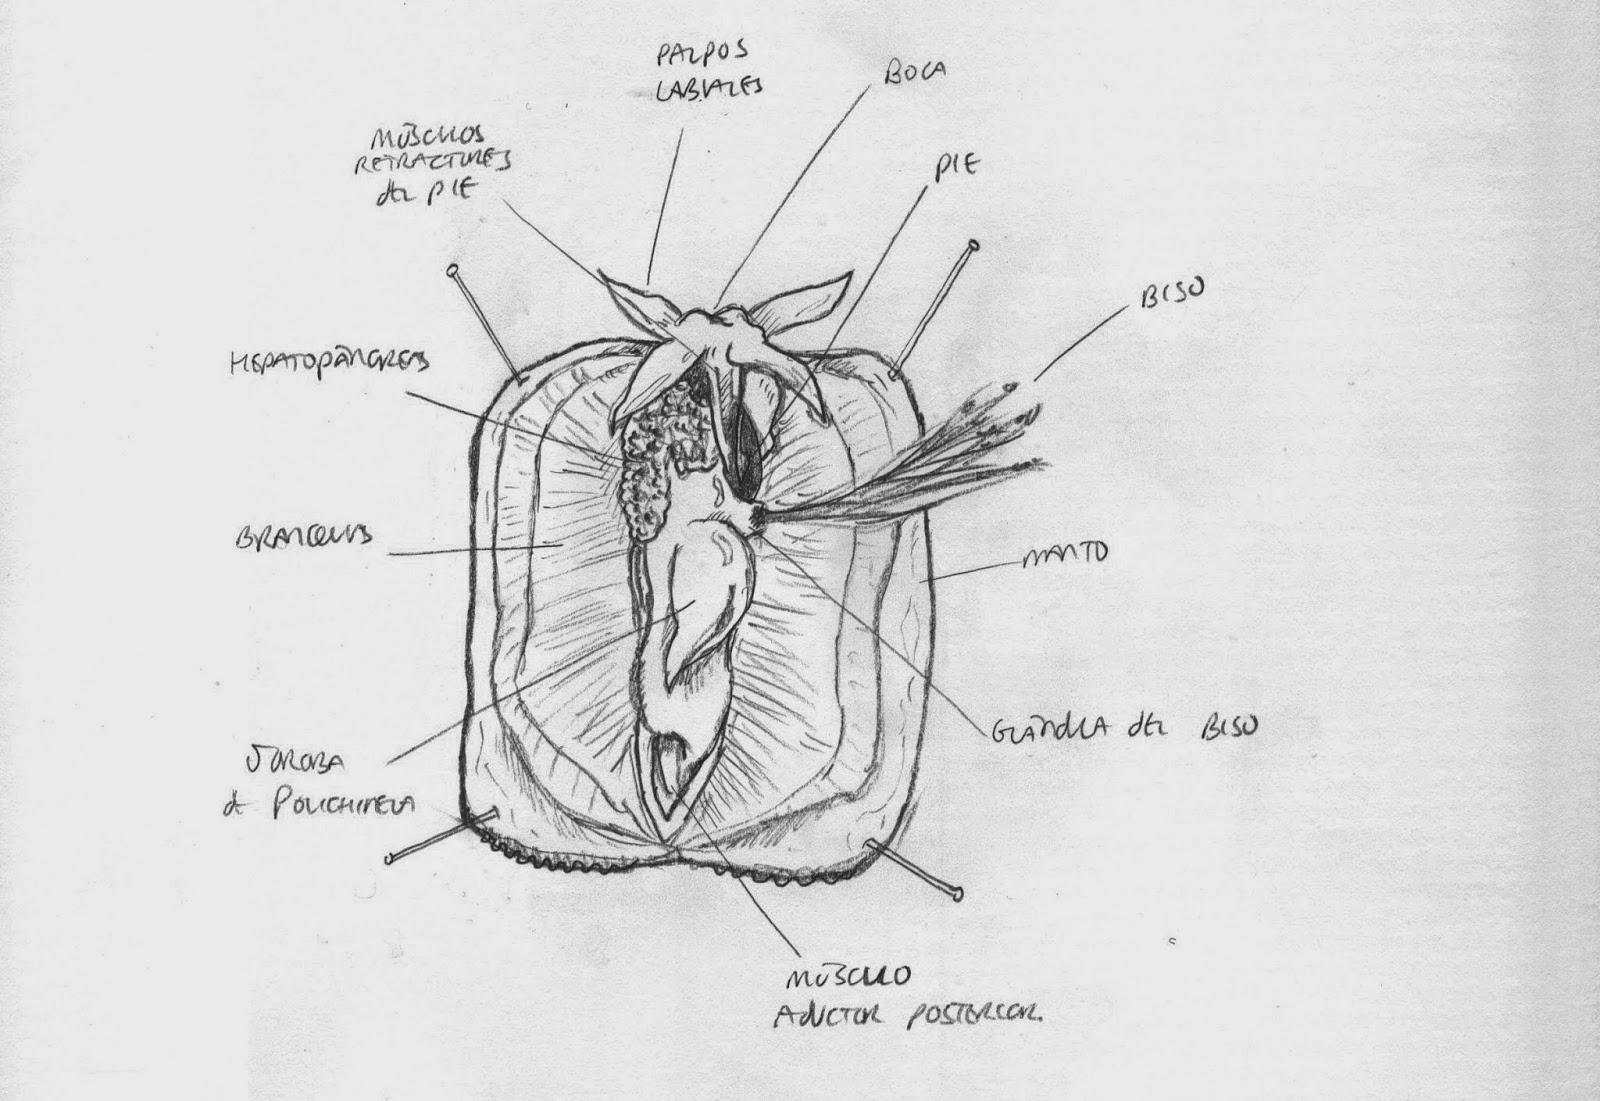 UN AMBIENTALISTA: Disección de un mejillón